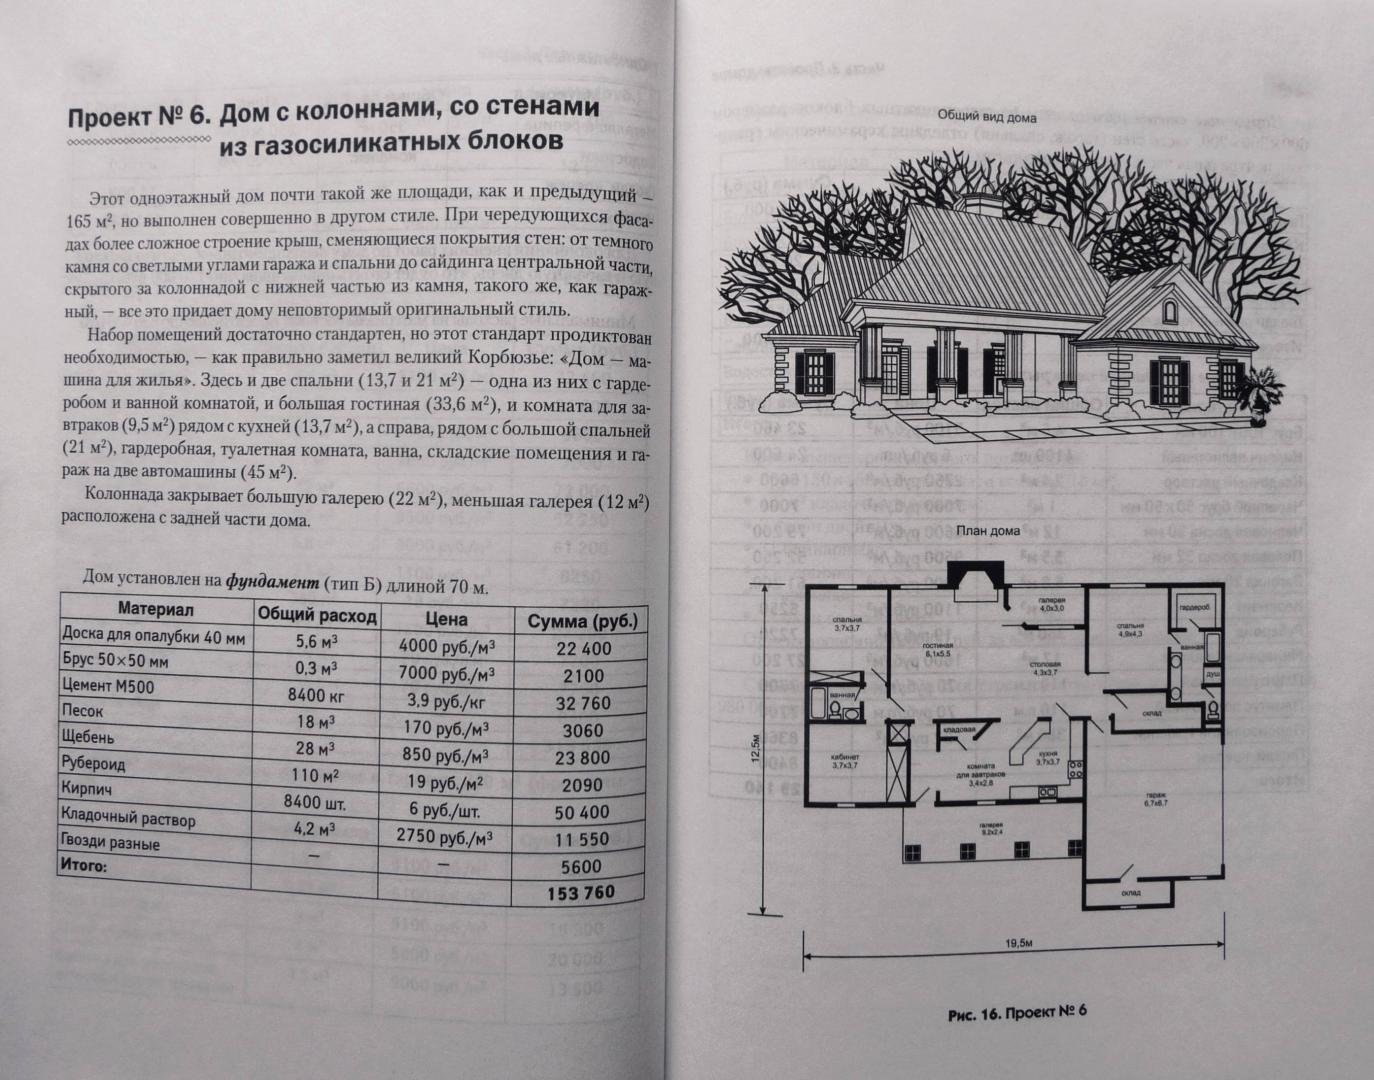 Иллюстрация 18 из 25 для Альбом проектов индивидуальных домов - Молотов, Костко, Самодуров | Лабиринт - книги. Источник: SiB